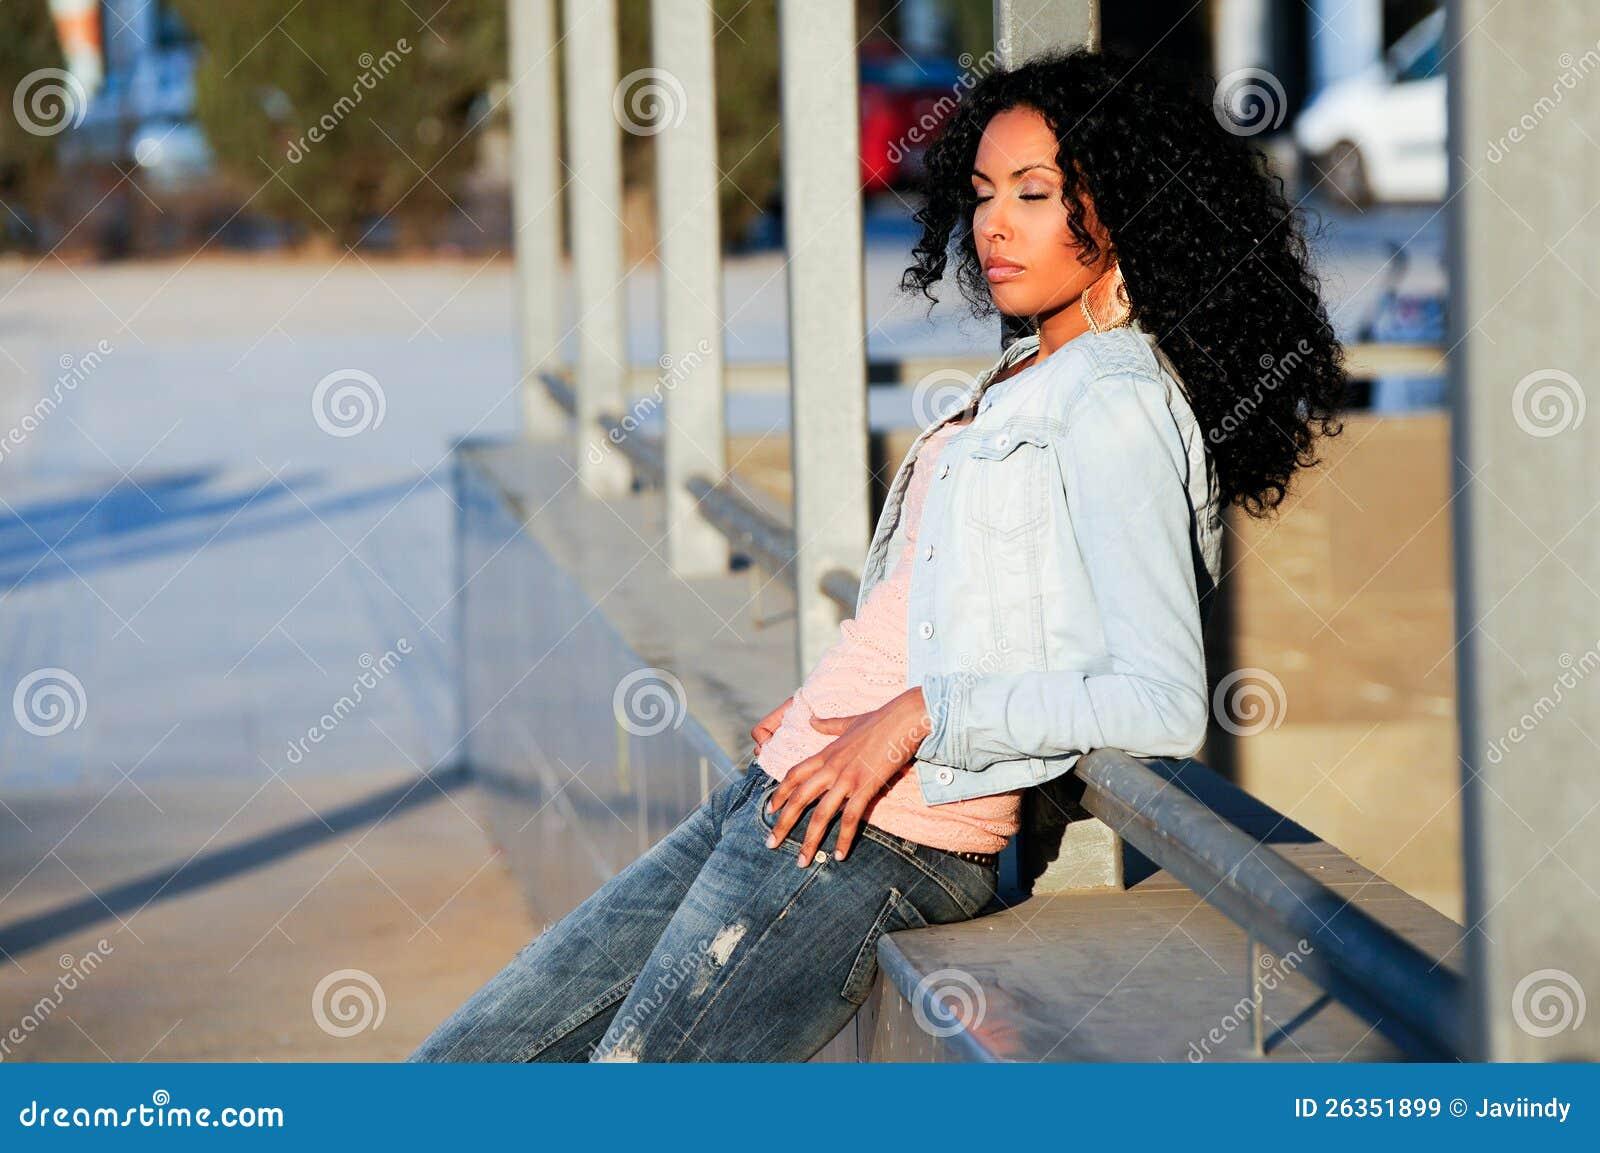 Schwarze Frau im städtischen Hintergrund